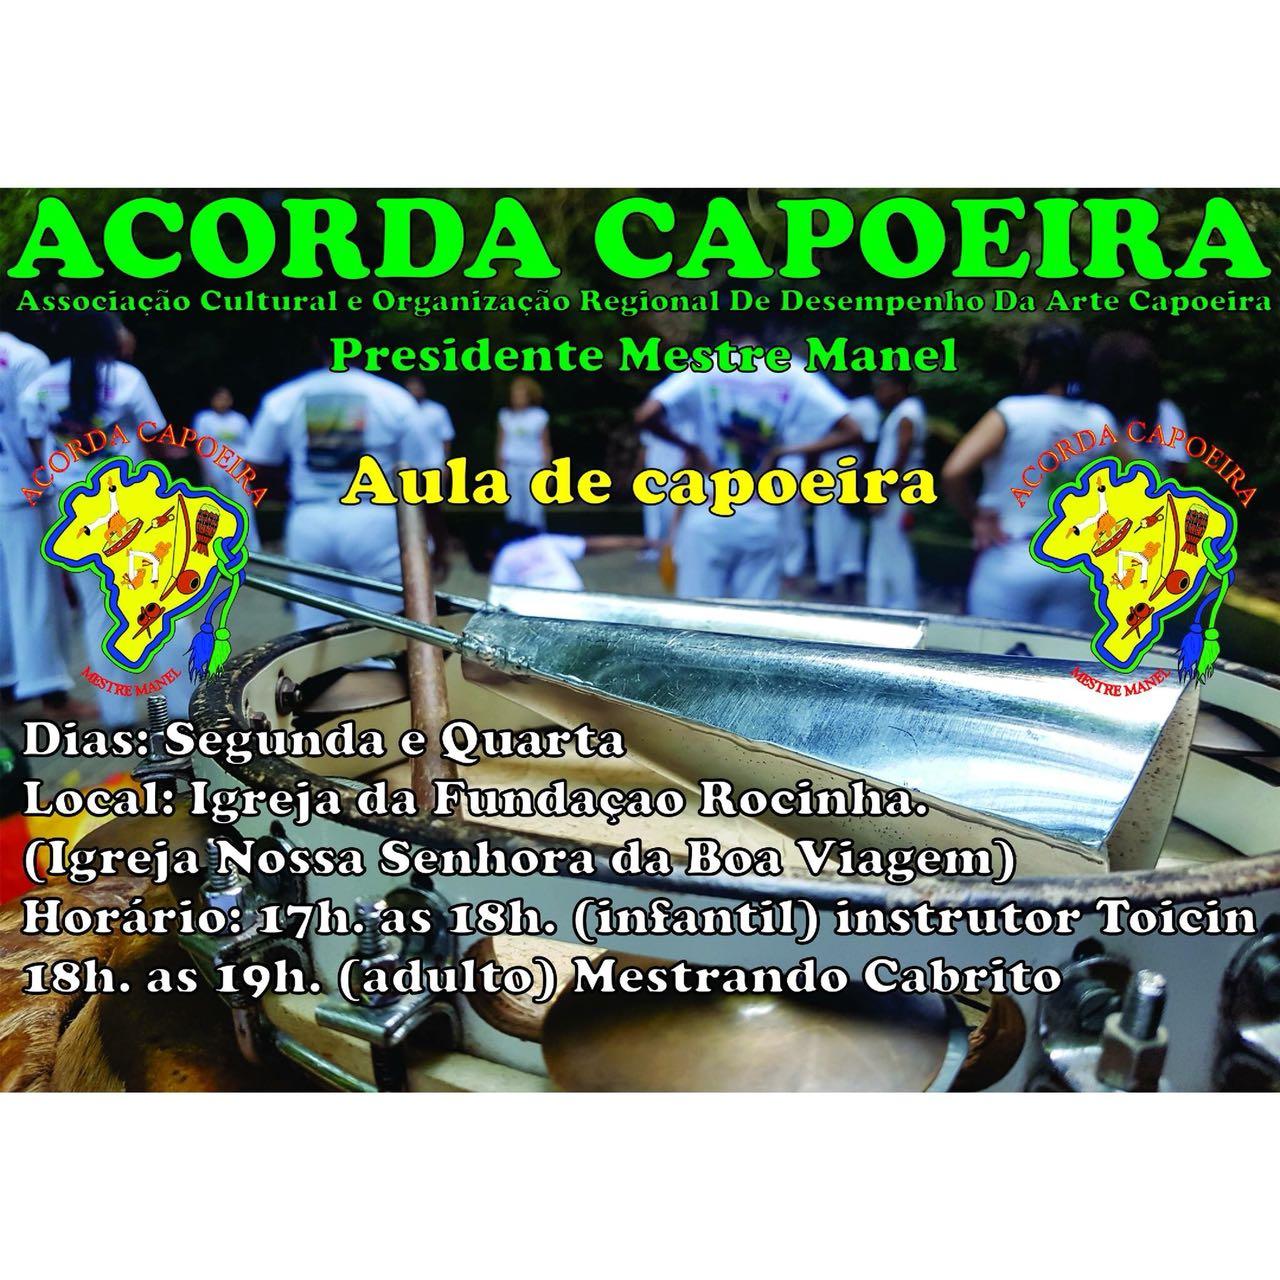 Aulas de Capoeira são oferecidas para crianças e adultos moradores da Rocinha